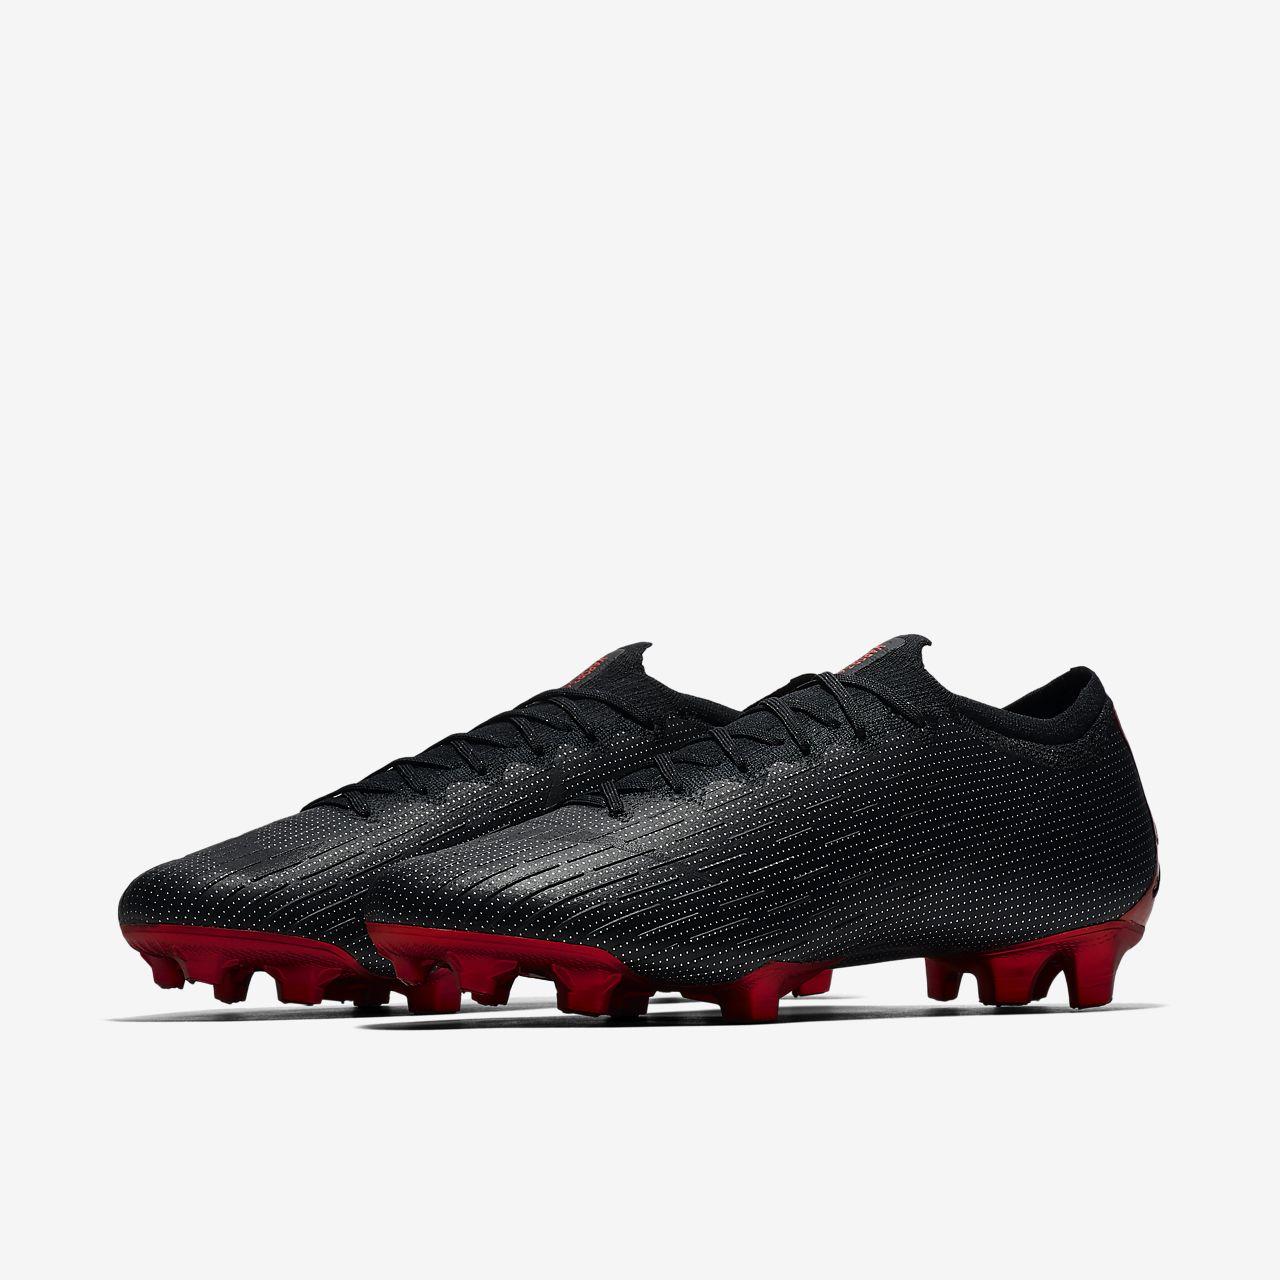 3a51cb8fe Nike Mercurial Vapor XII Elite Firm-Ground Football Boot. Nike.com ID